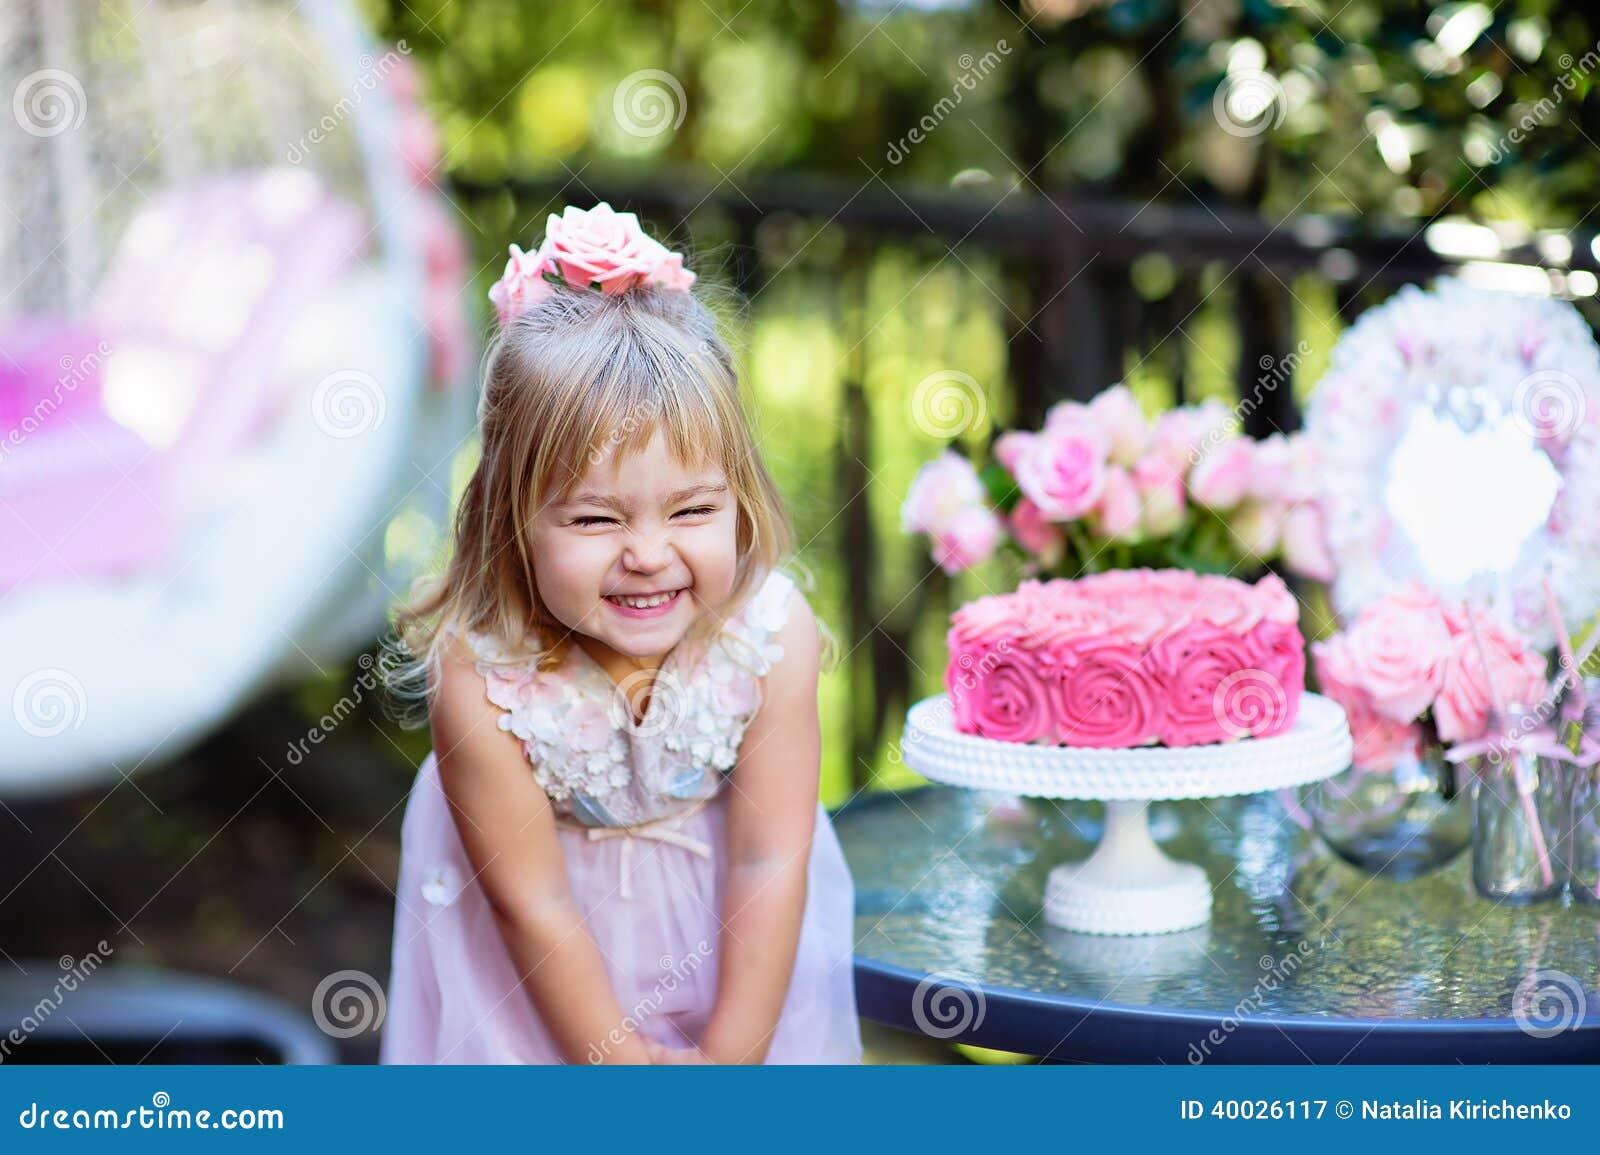 Mała dziewczynka świętuje wszystkiego najlepszego z okazji urodzin przyjęcia z różą plenerową